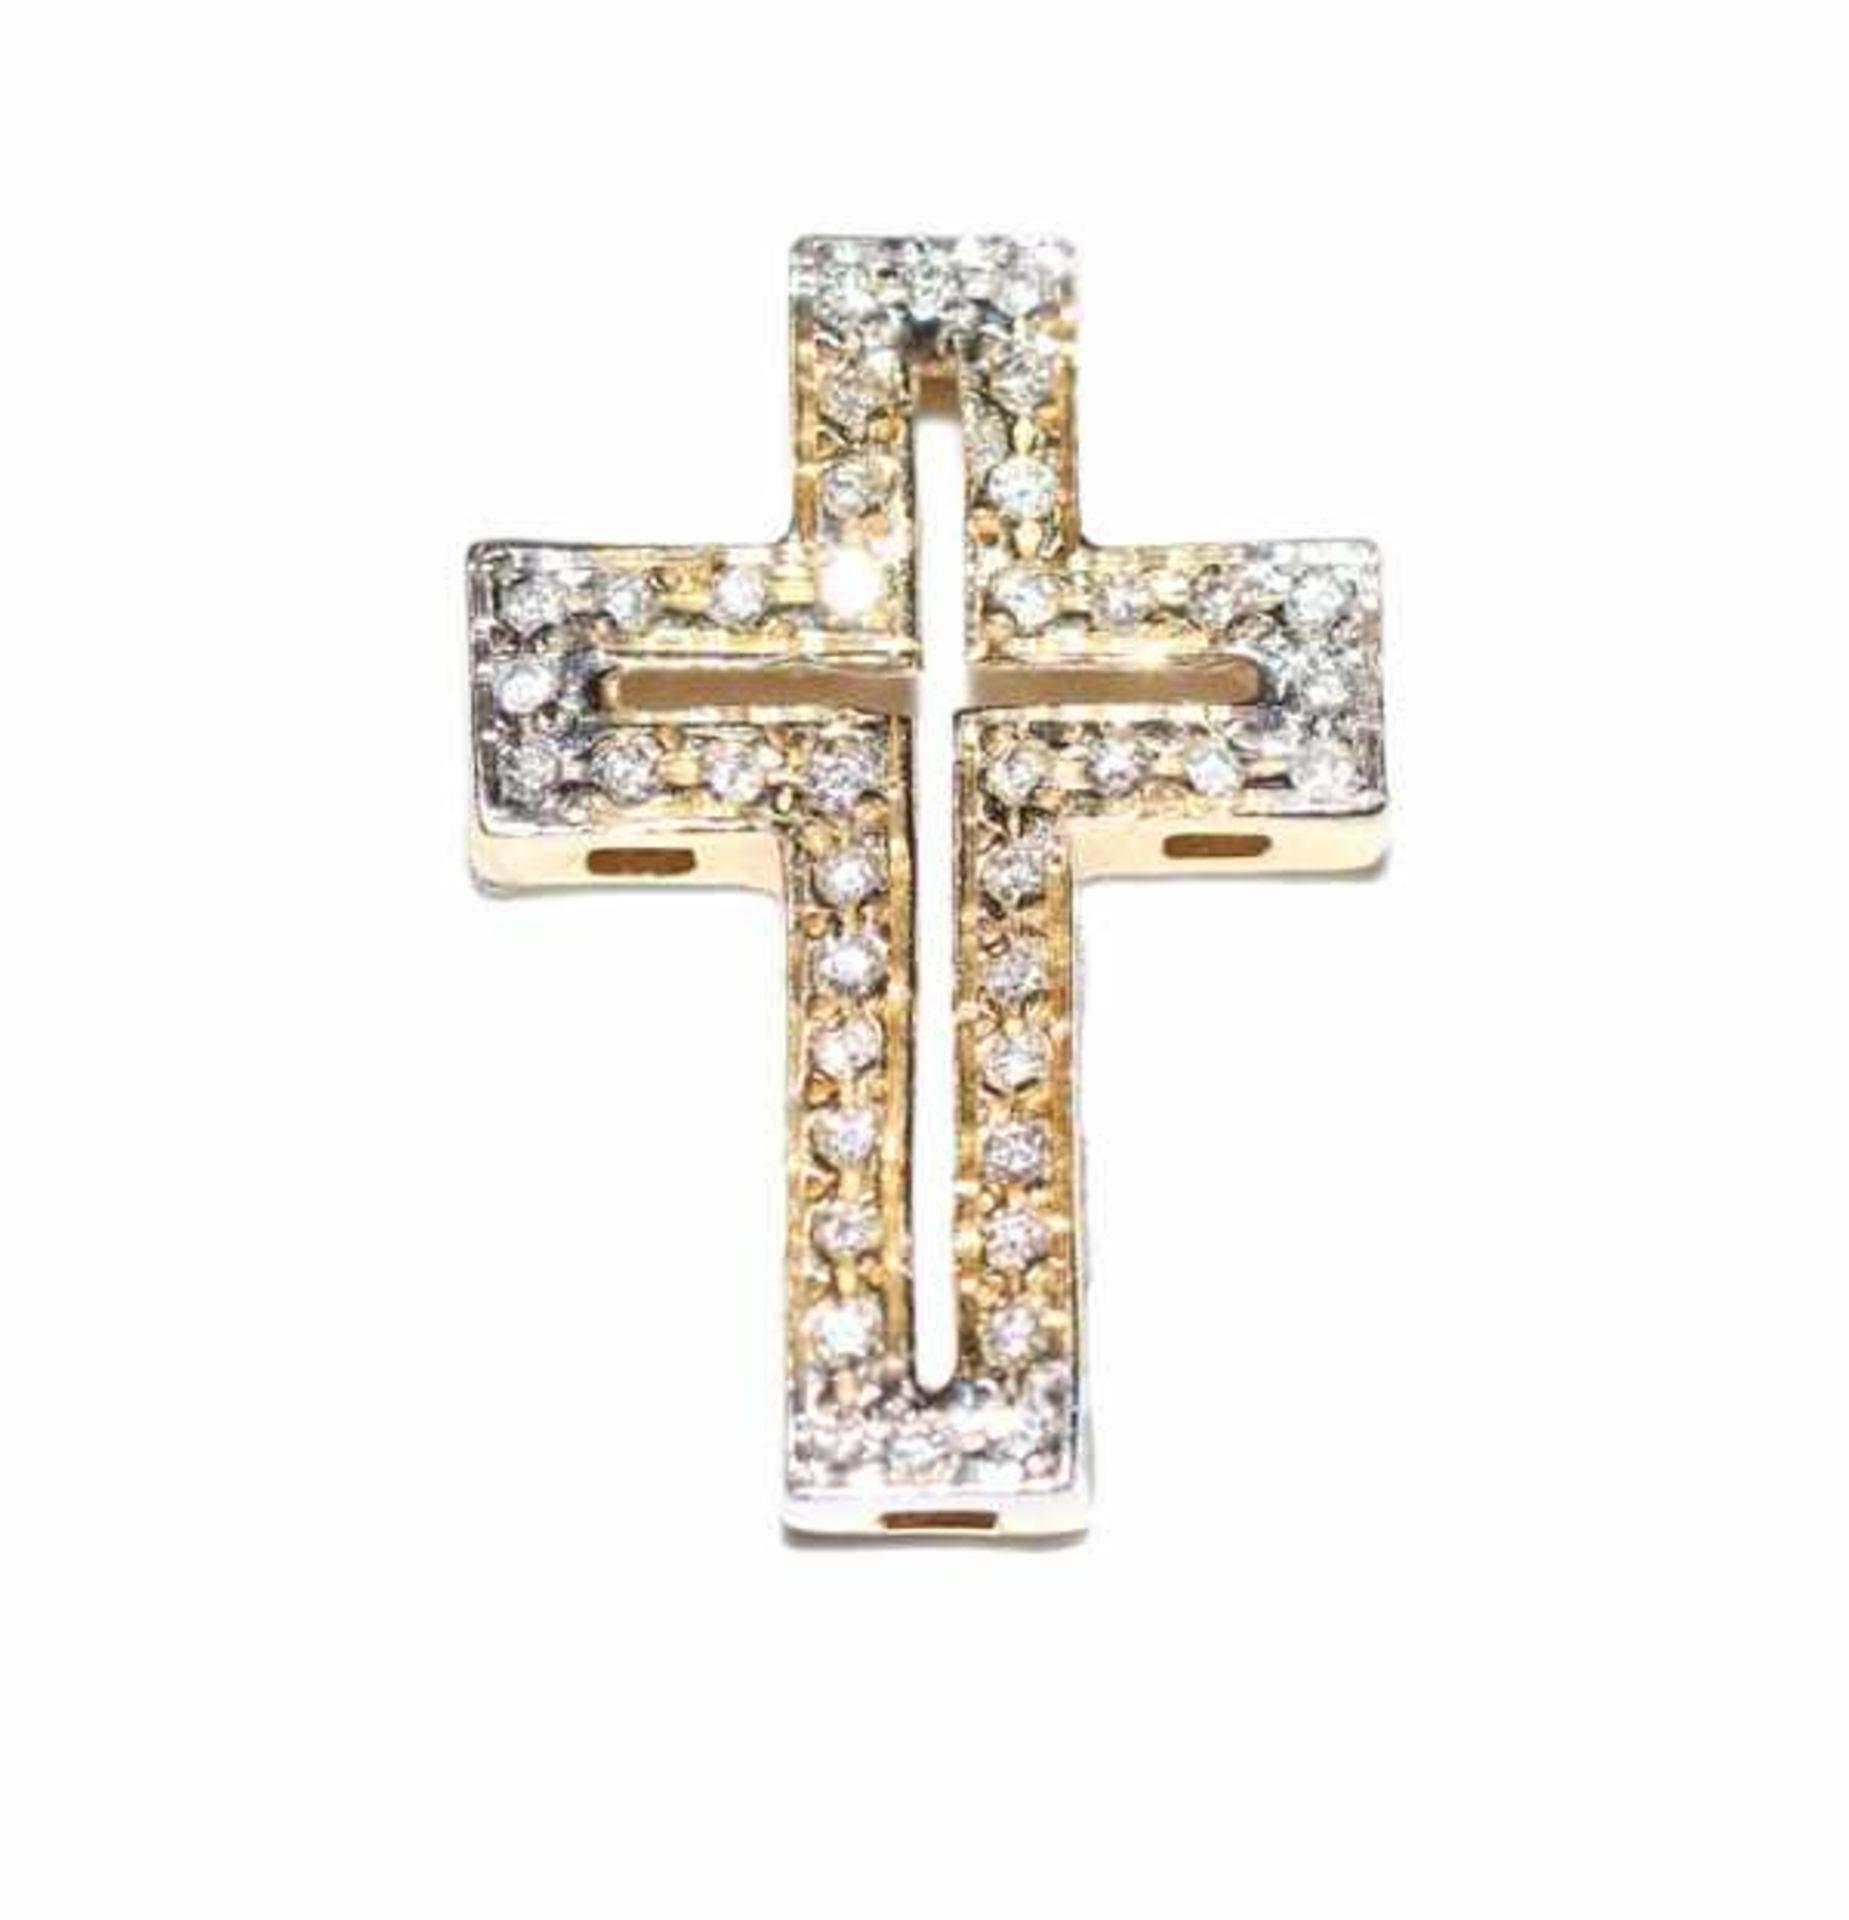 14 k Gelb- und Weißgold Kreuz-Anhänger mit 42 Diamanten besetzt, L 2 cm